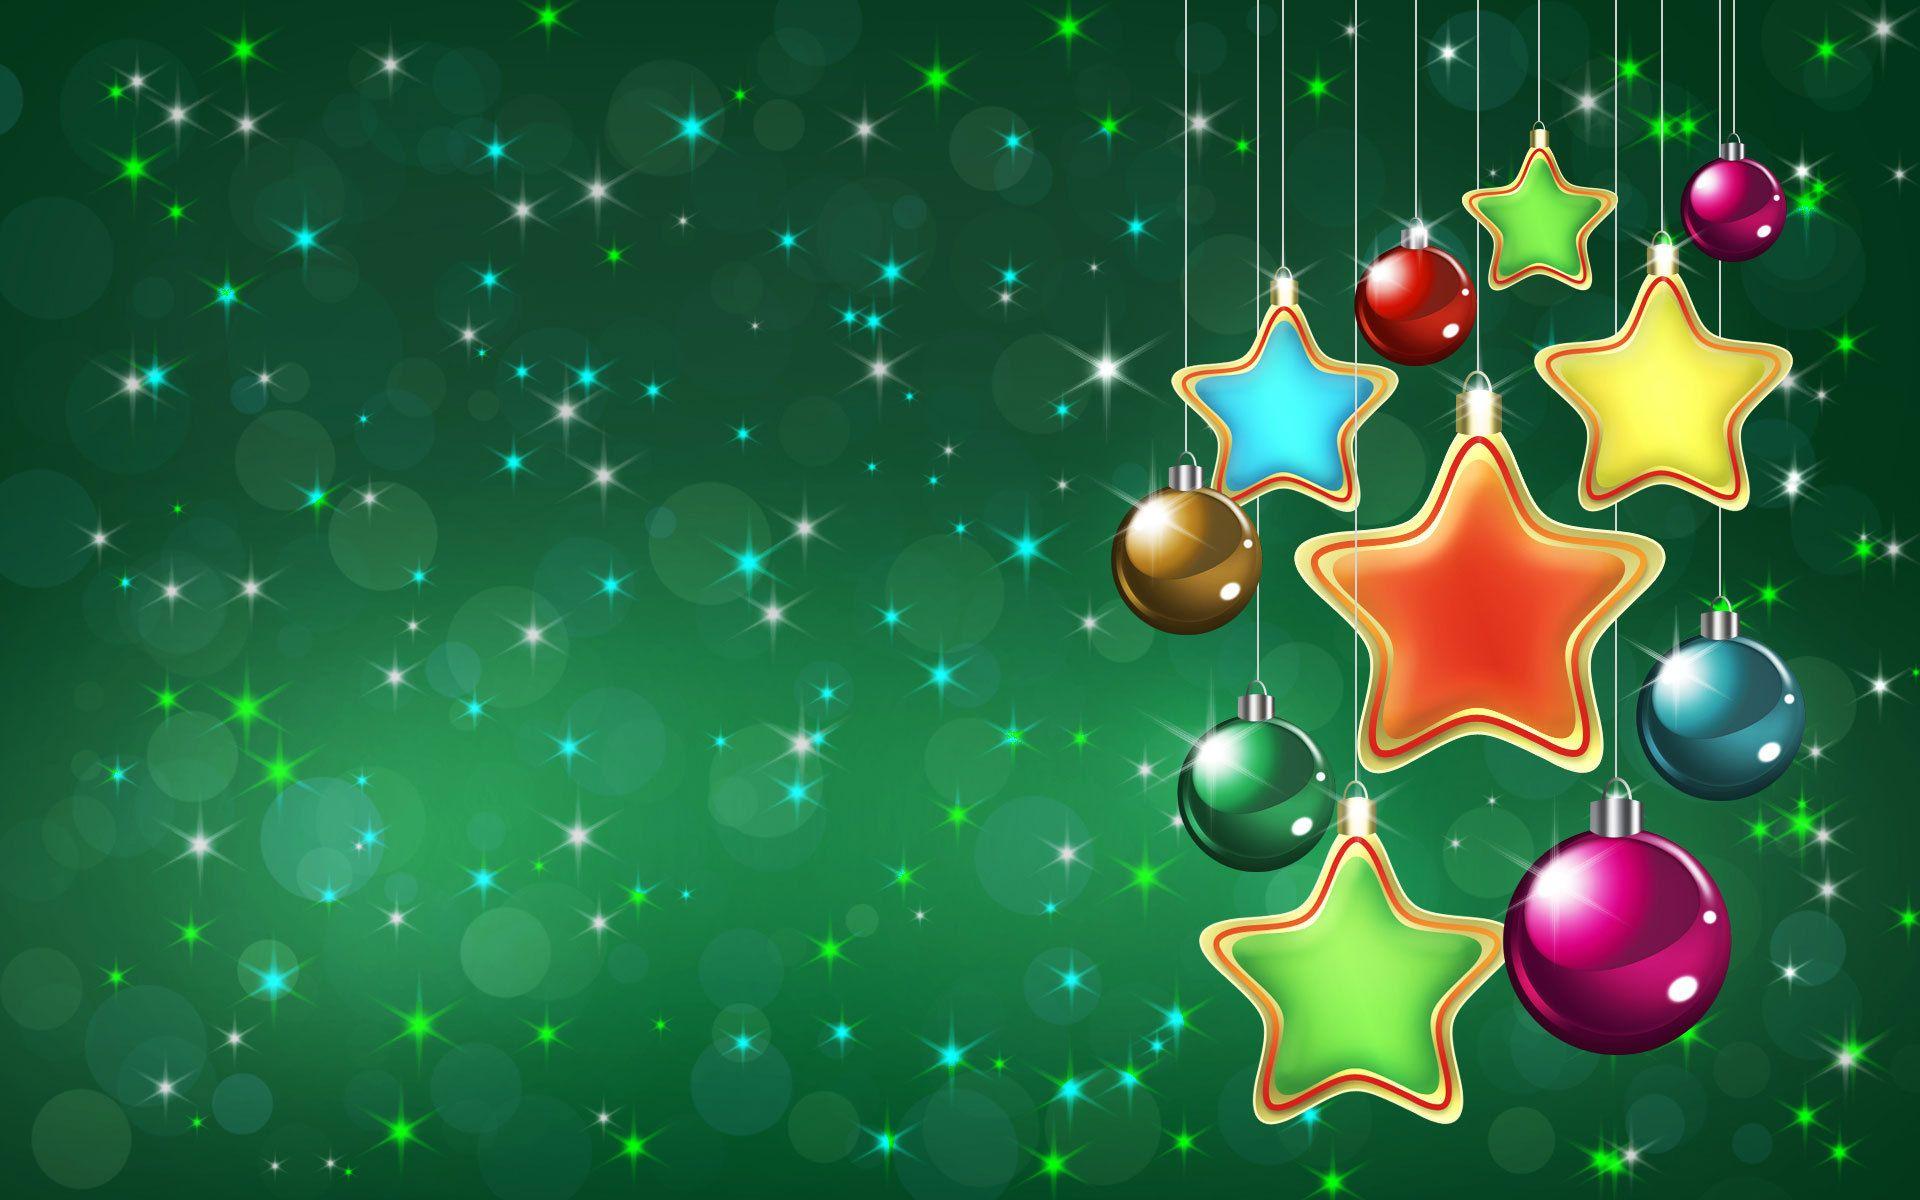 Foto Sfondi Natalizi.Sfondo Natalizio Sfondo Natalizio Stelline Sfondo Natalizio Biglietti Di Natale Idee Di Natale